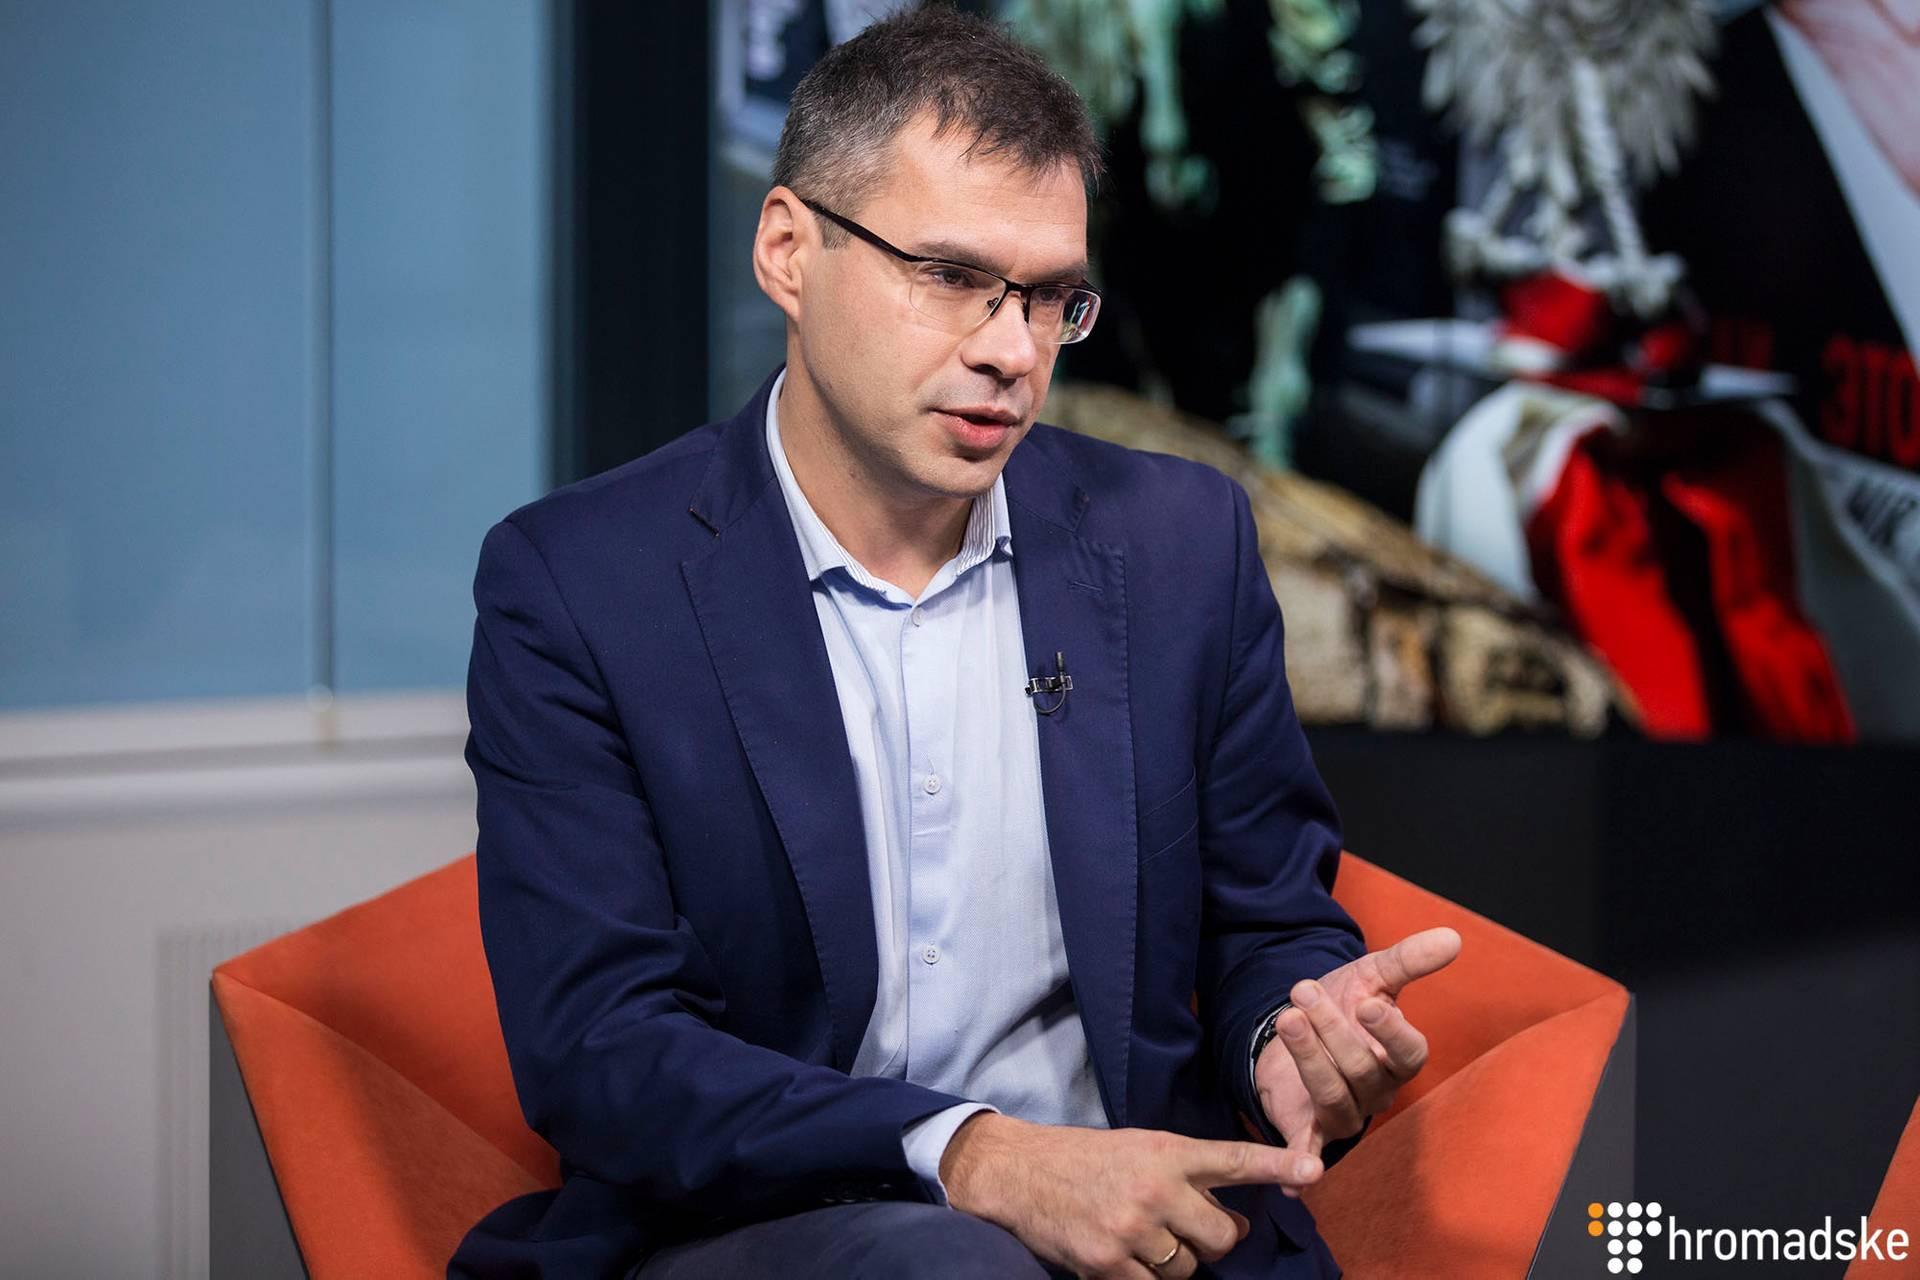 Коментатор польського тижневика «W Sieci» Міхал Карновскі у студії Громадського, Київ, 14 листопада 2018 року